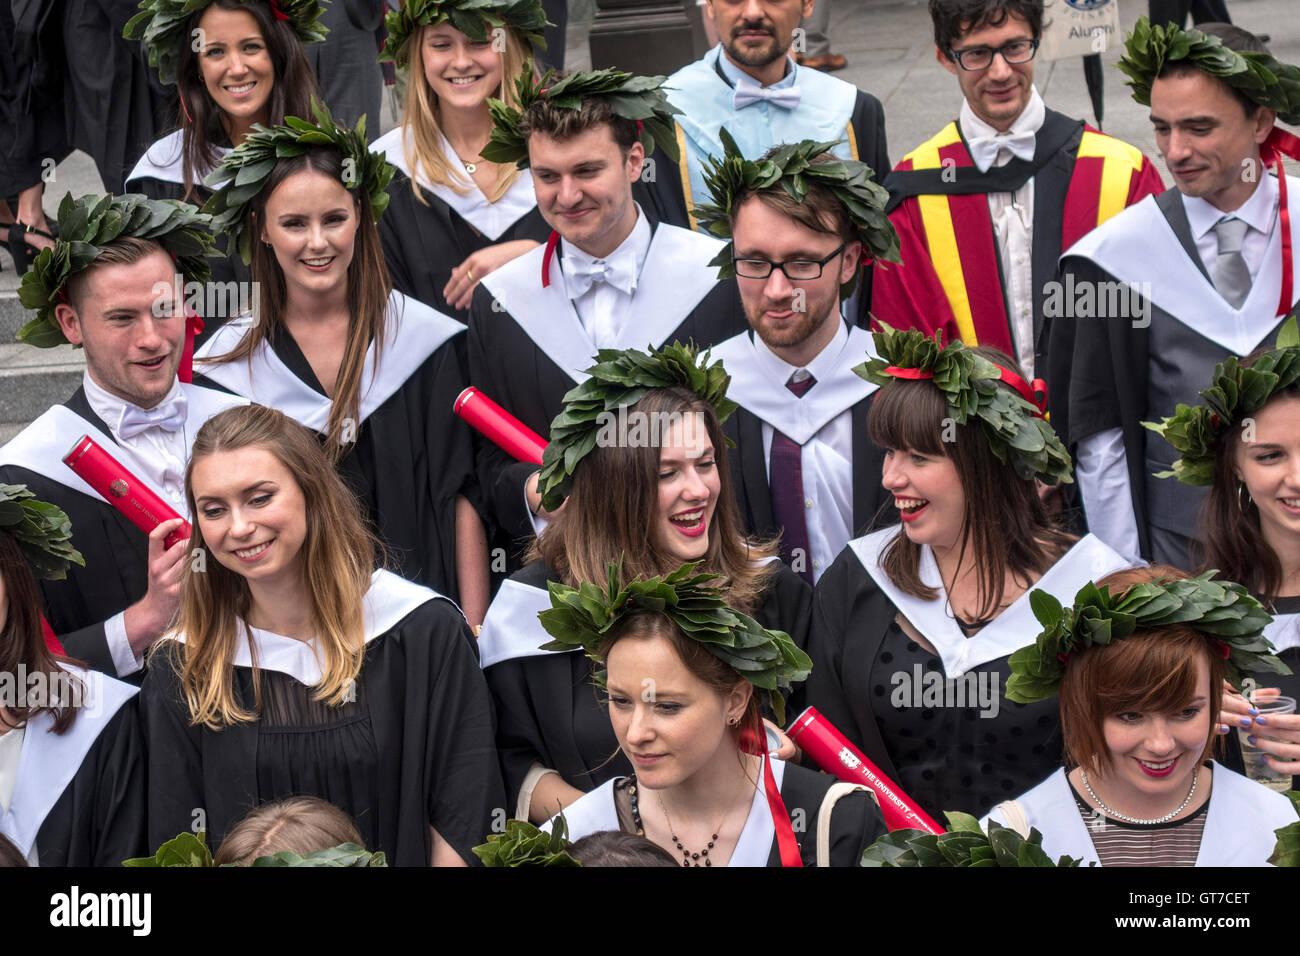 L'Université d'Édimbourg le jour de graduation. Professionnels Diplômés portant des couronnes de lauriers. Banque D'Images